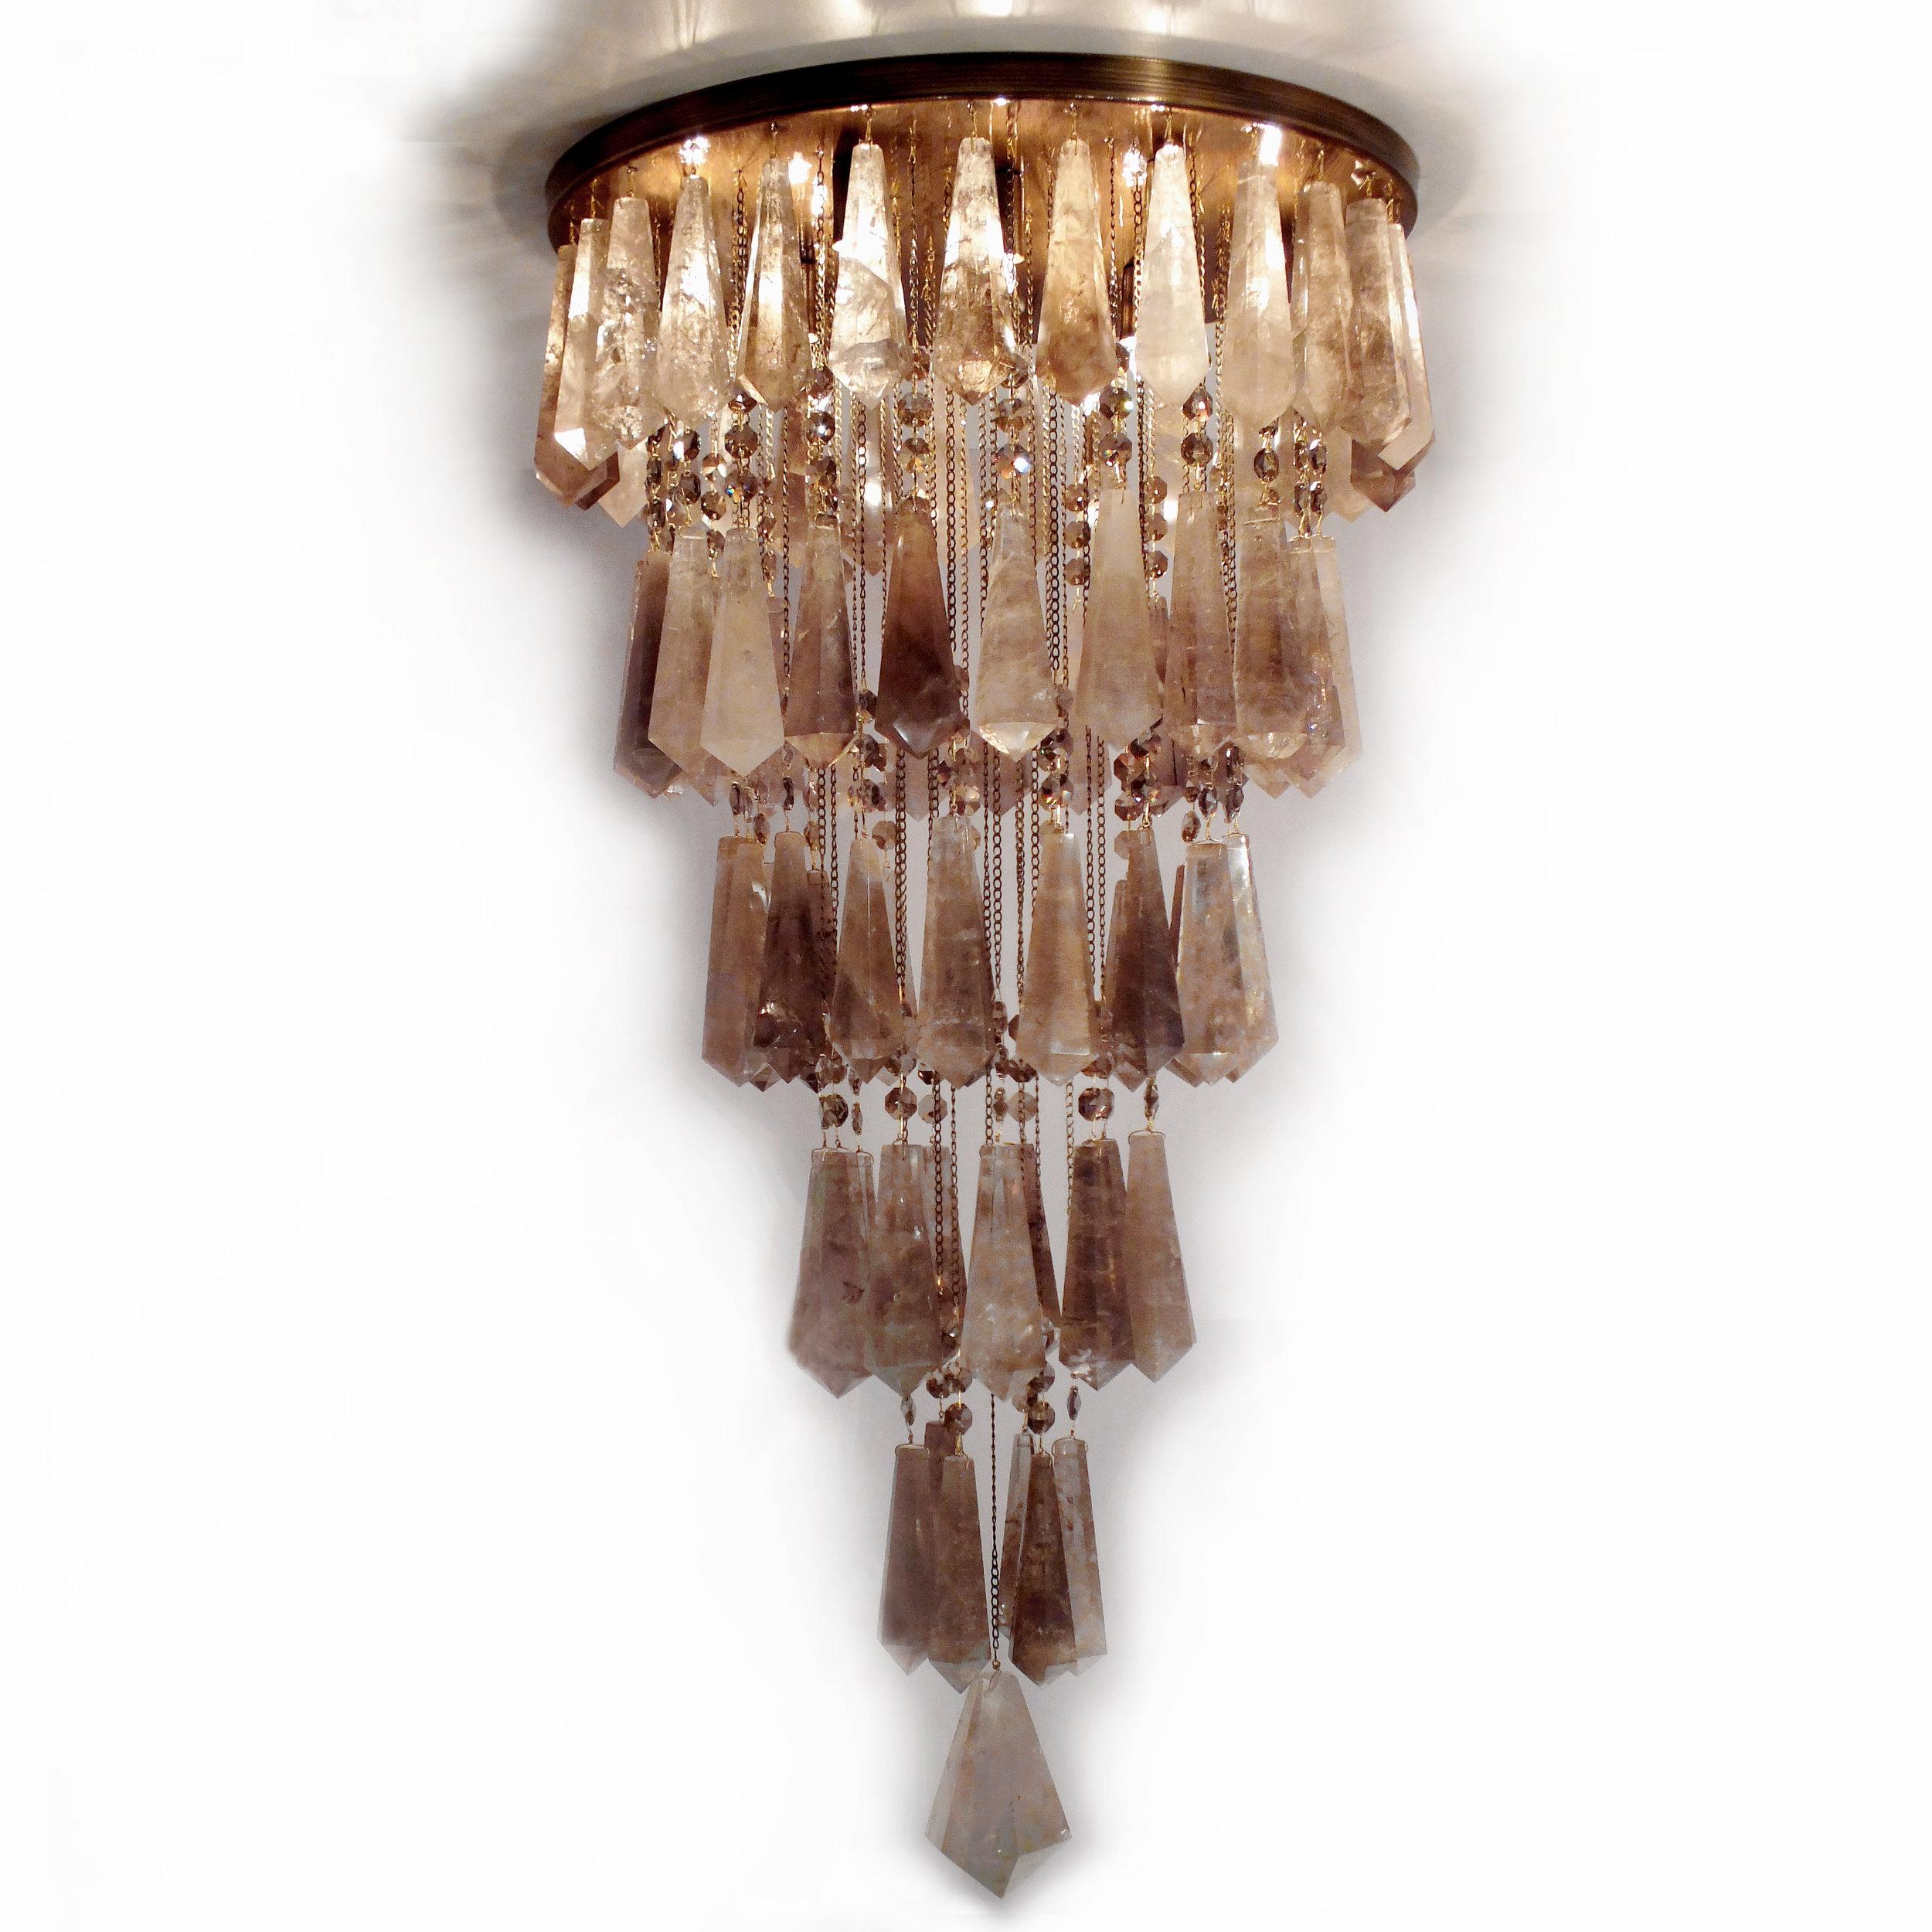 Plafon Milano em latão com acabamento envelhecido brilho e cristais de rocha quartzo fumê.